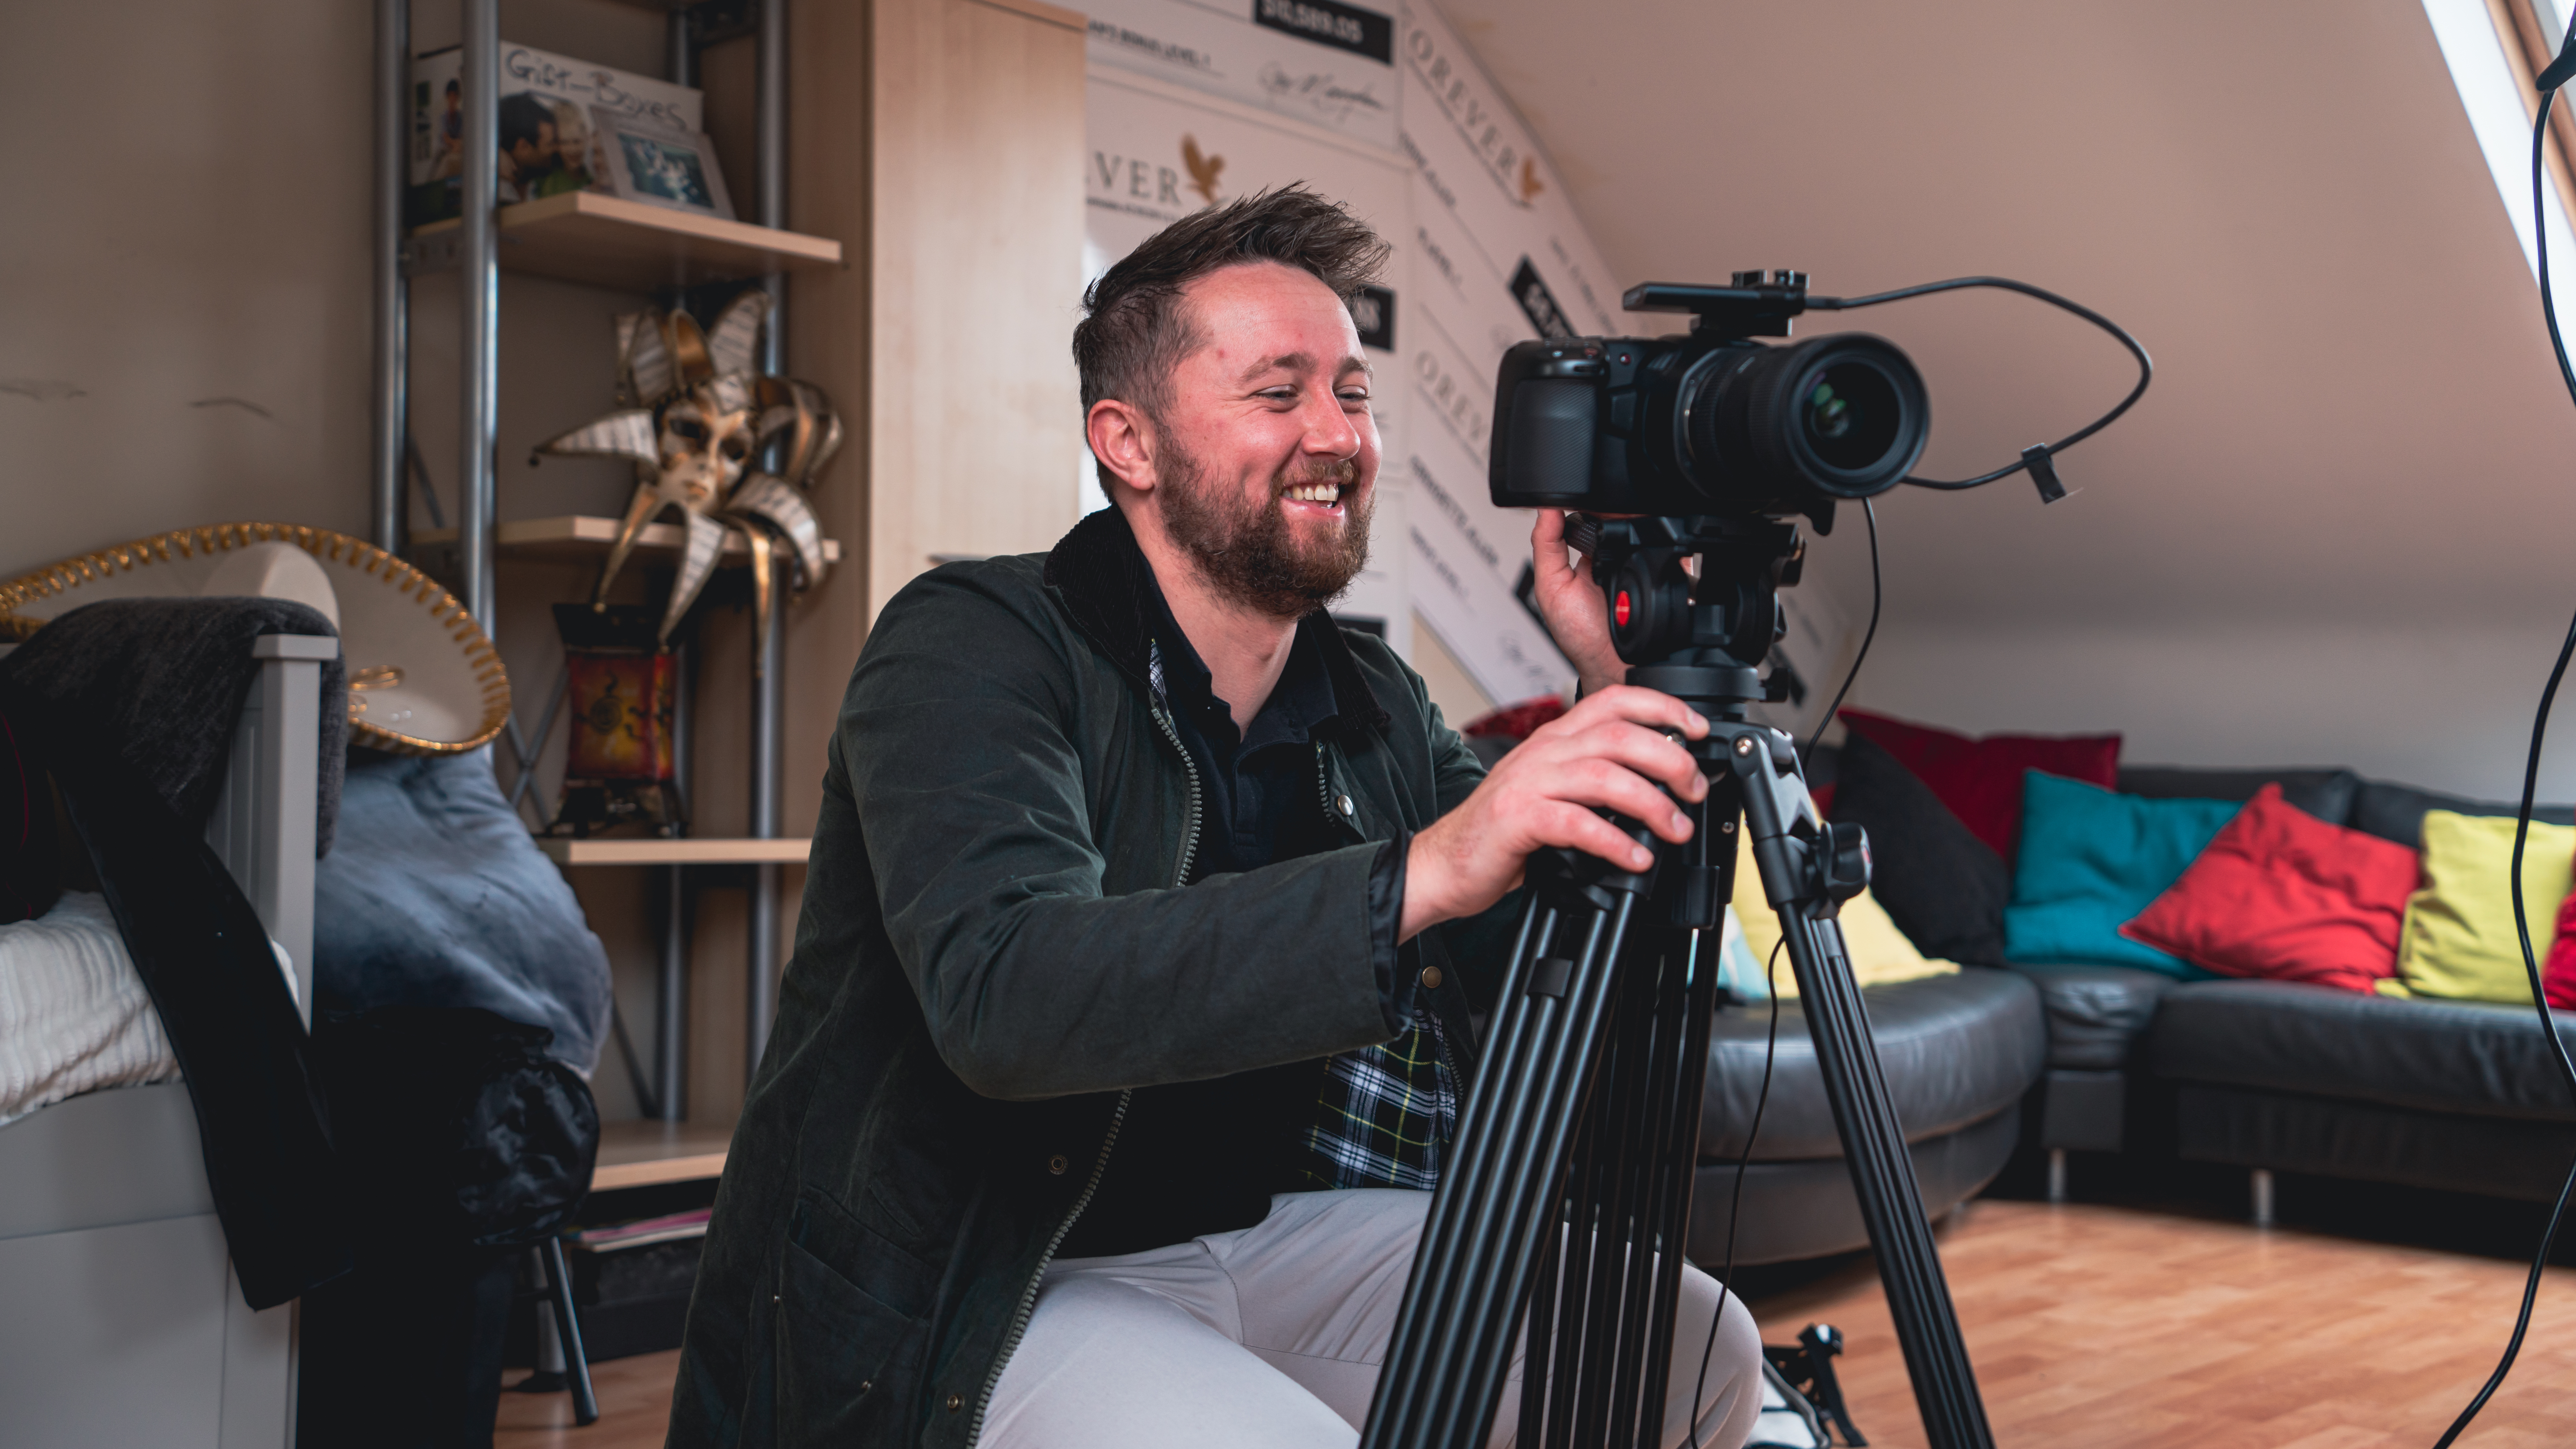 Ryan Weir Vindicta Digital Marketing Agency